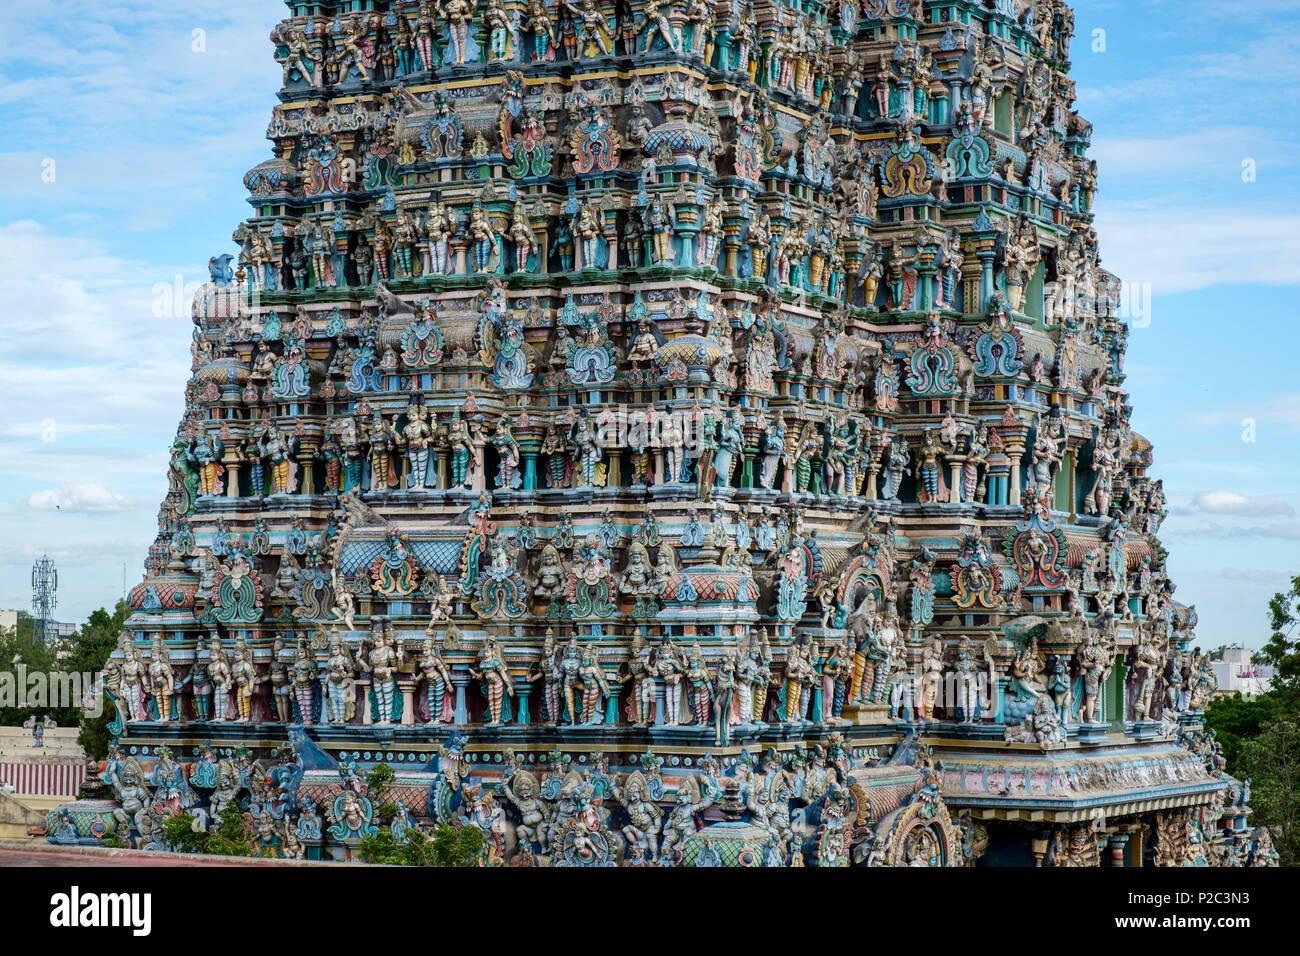 Hindu Gods Stock Photos & Hindu Gods Stock Images - Alamy